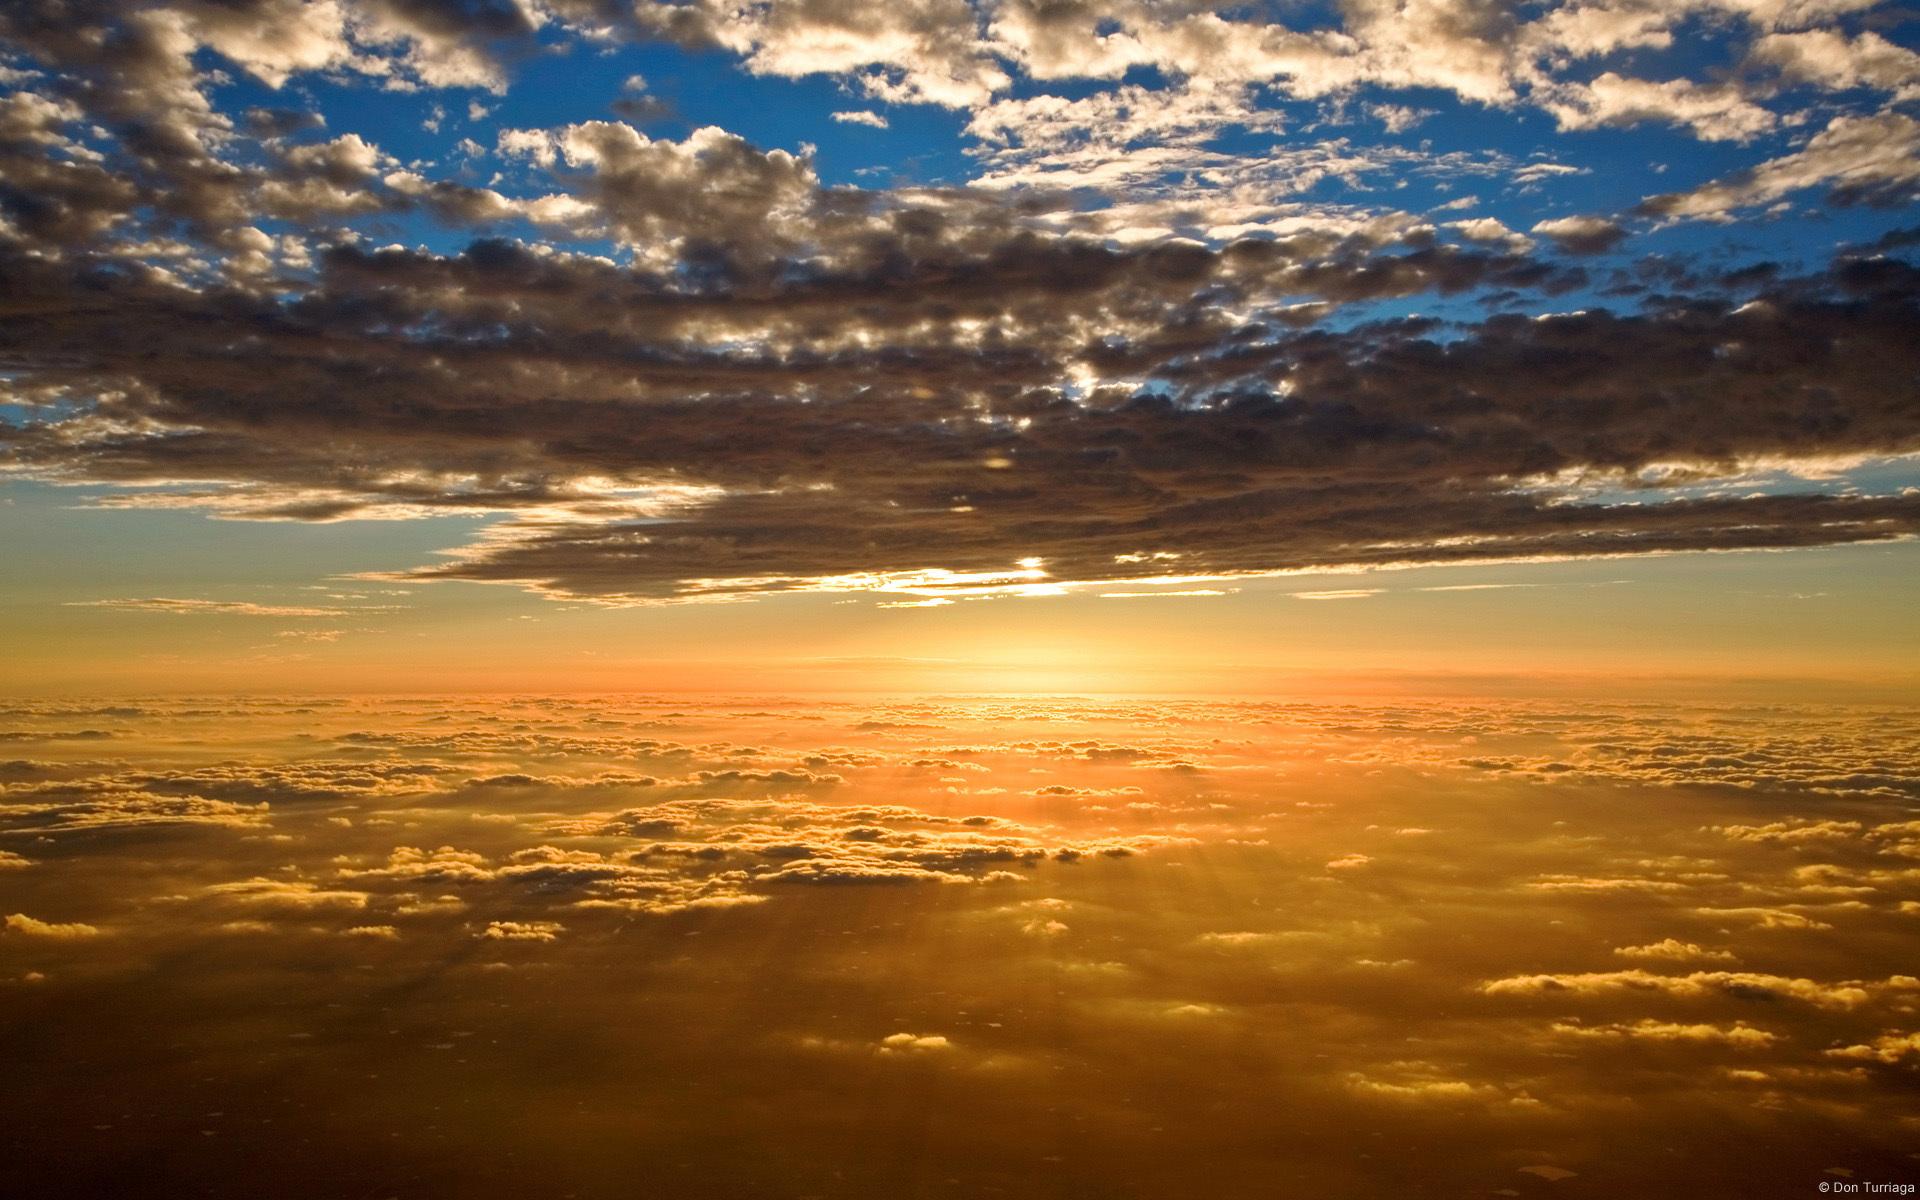 13556 скачать обои Пейзаж, Закат, Небо, Облака - заставки и картинки бесплатно